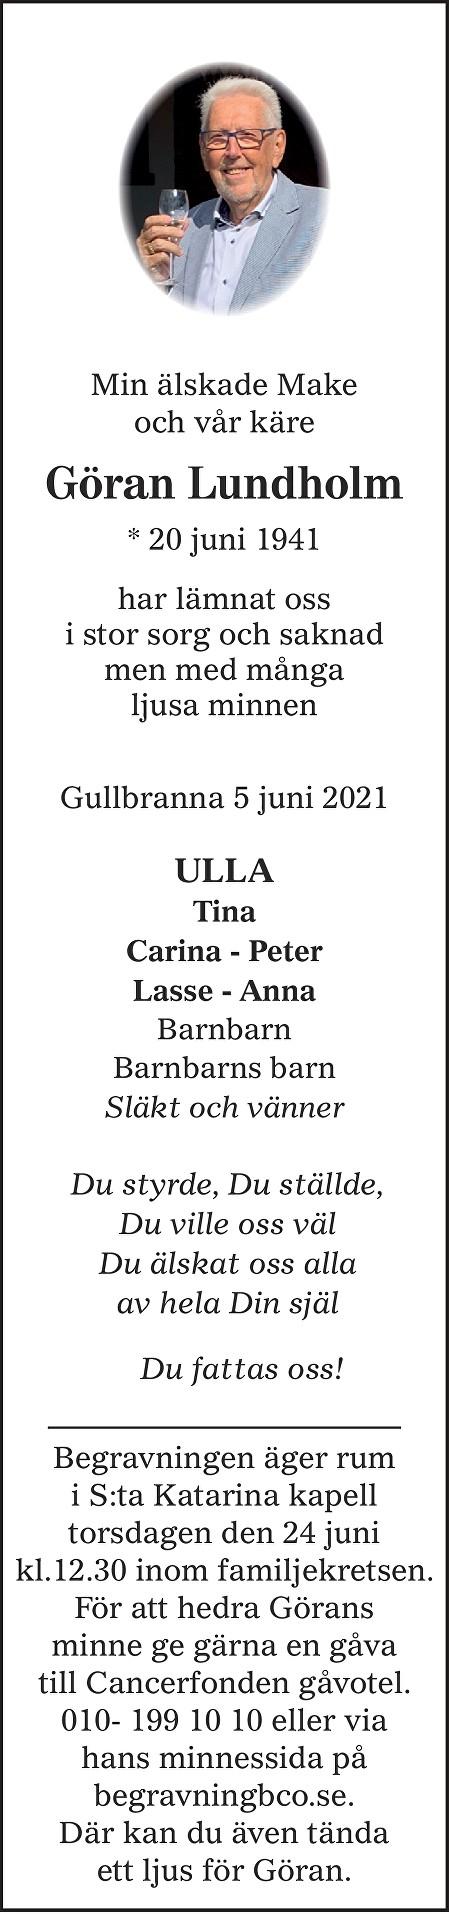 Göran Lundholm Death notice